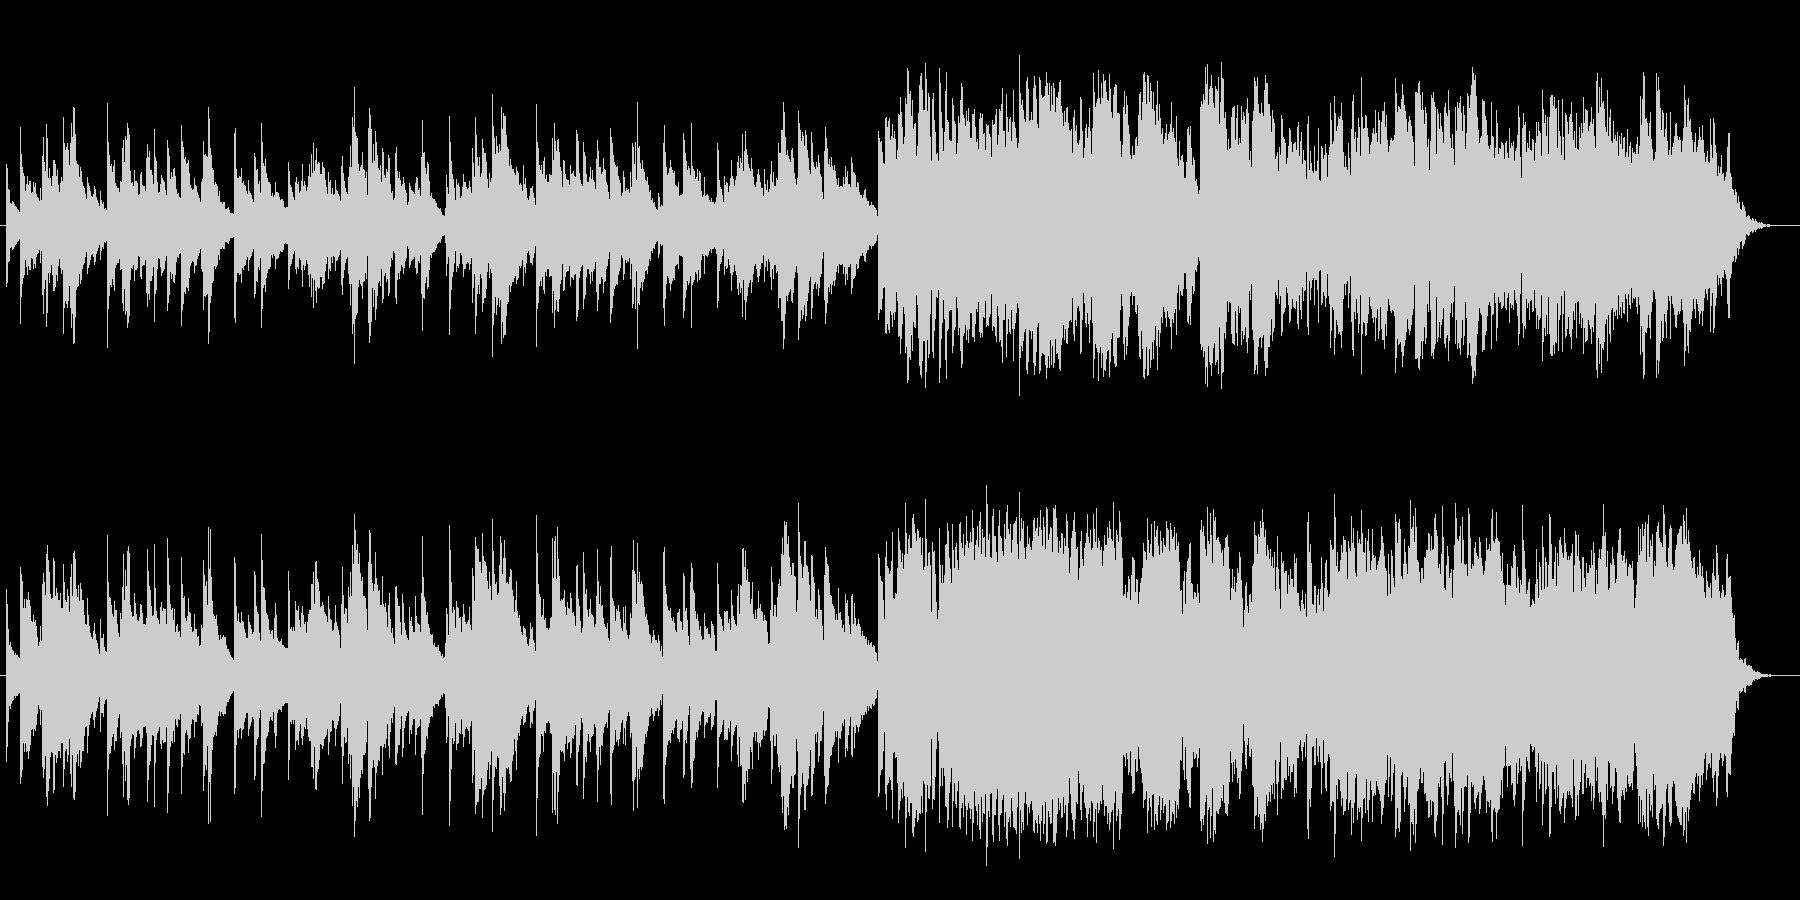 ピアノによる切ないスローバラードの未再生の波形